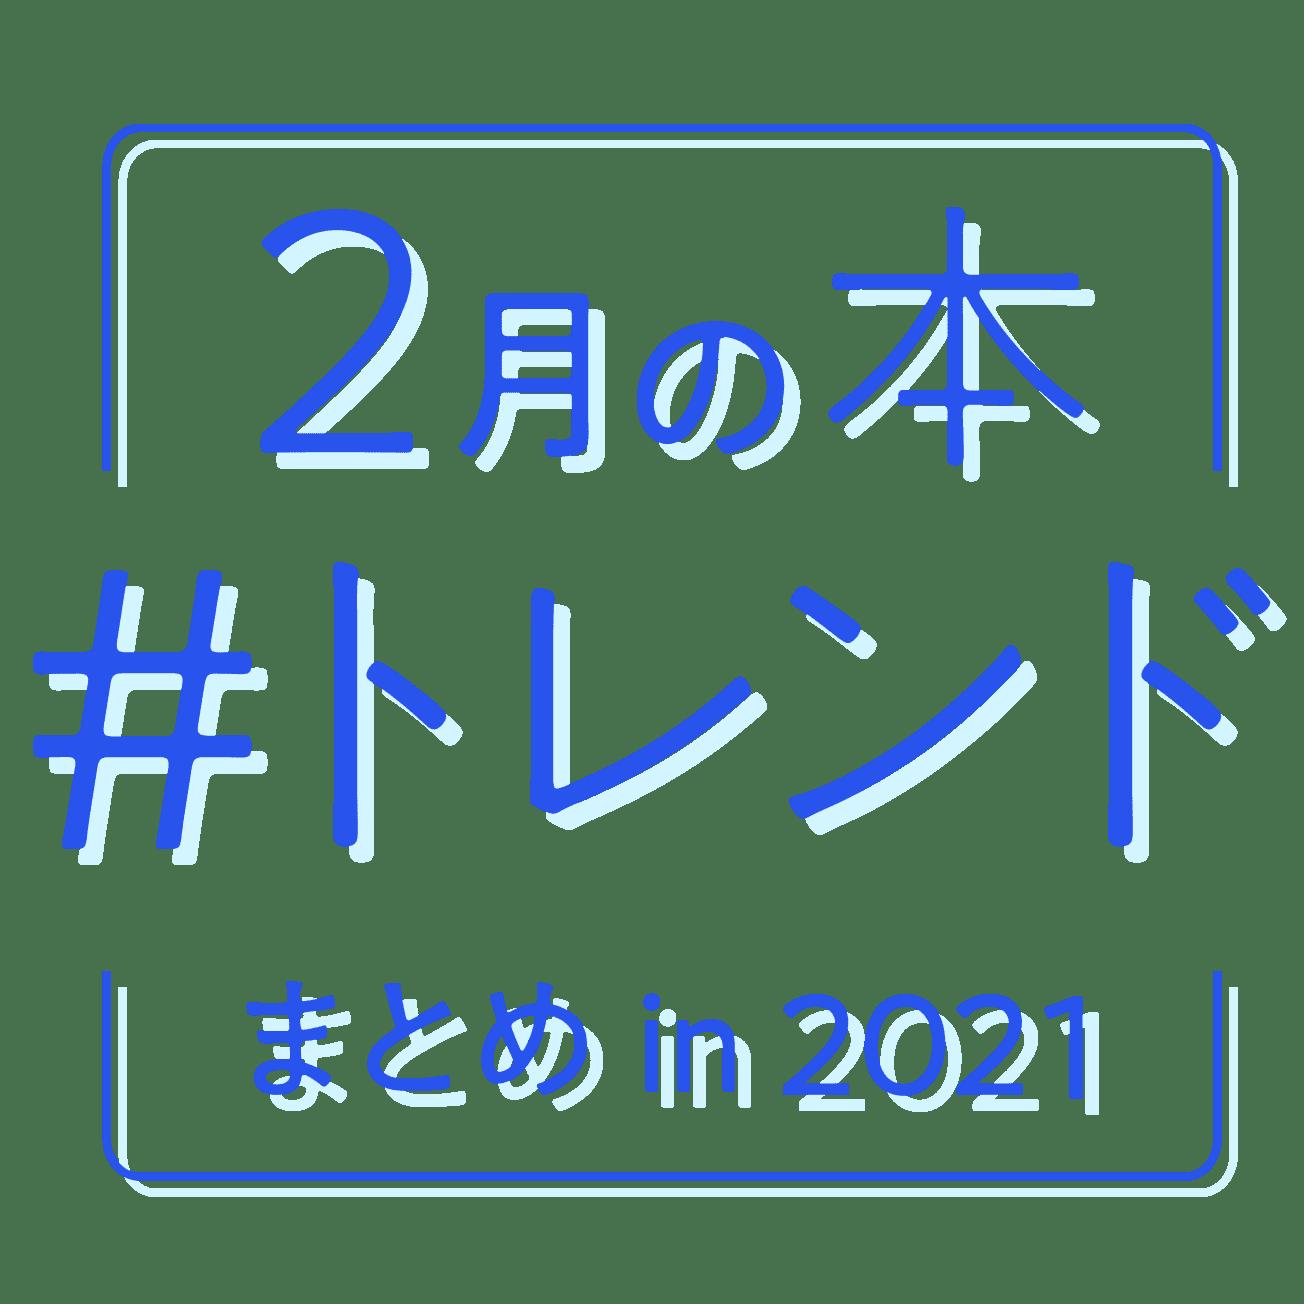 2月の本#トレンドまとめin2021